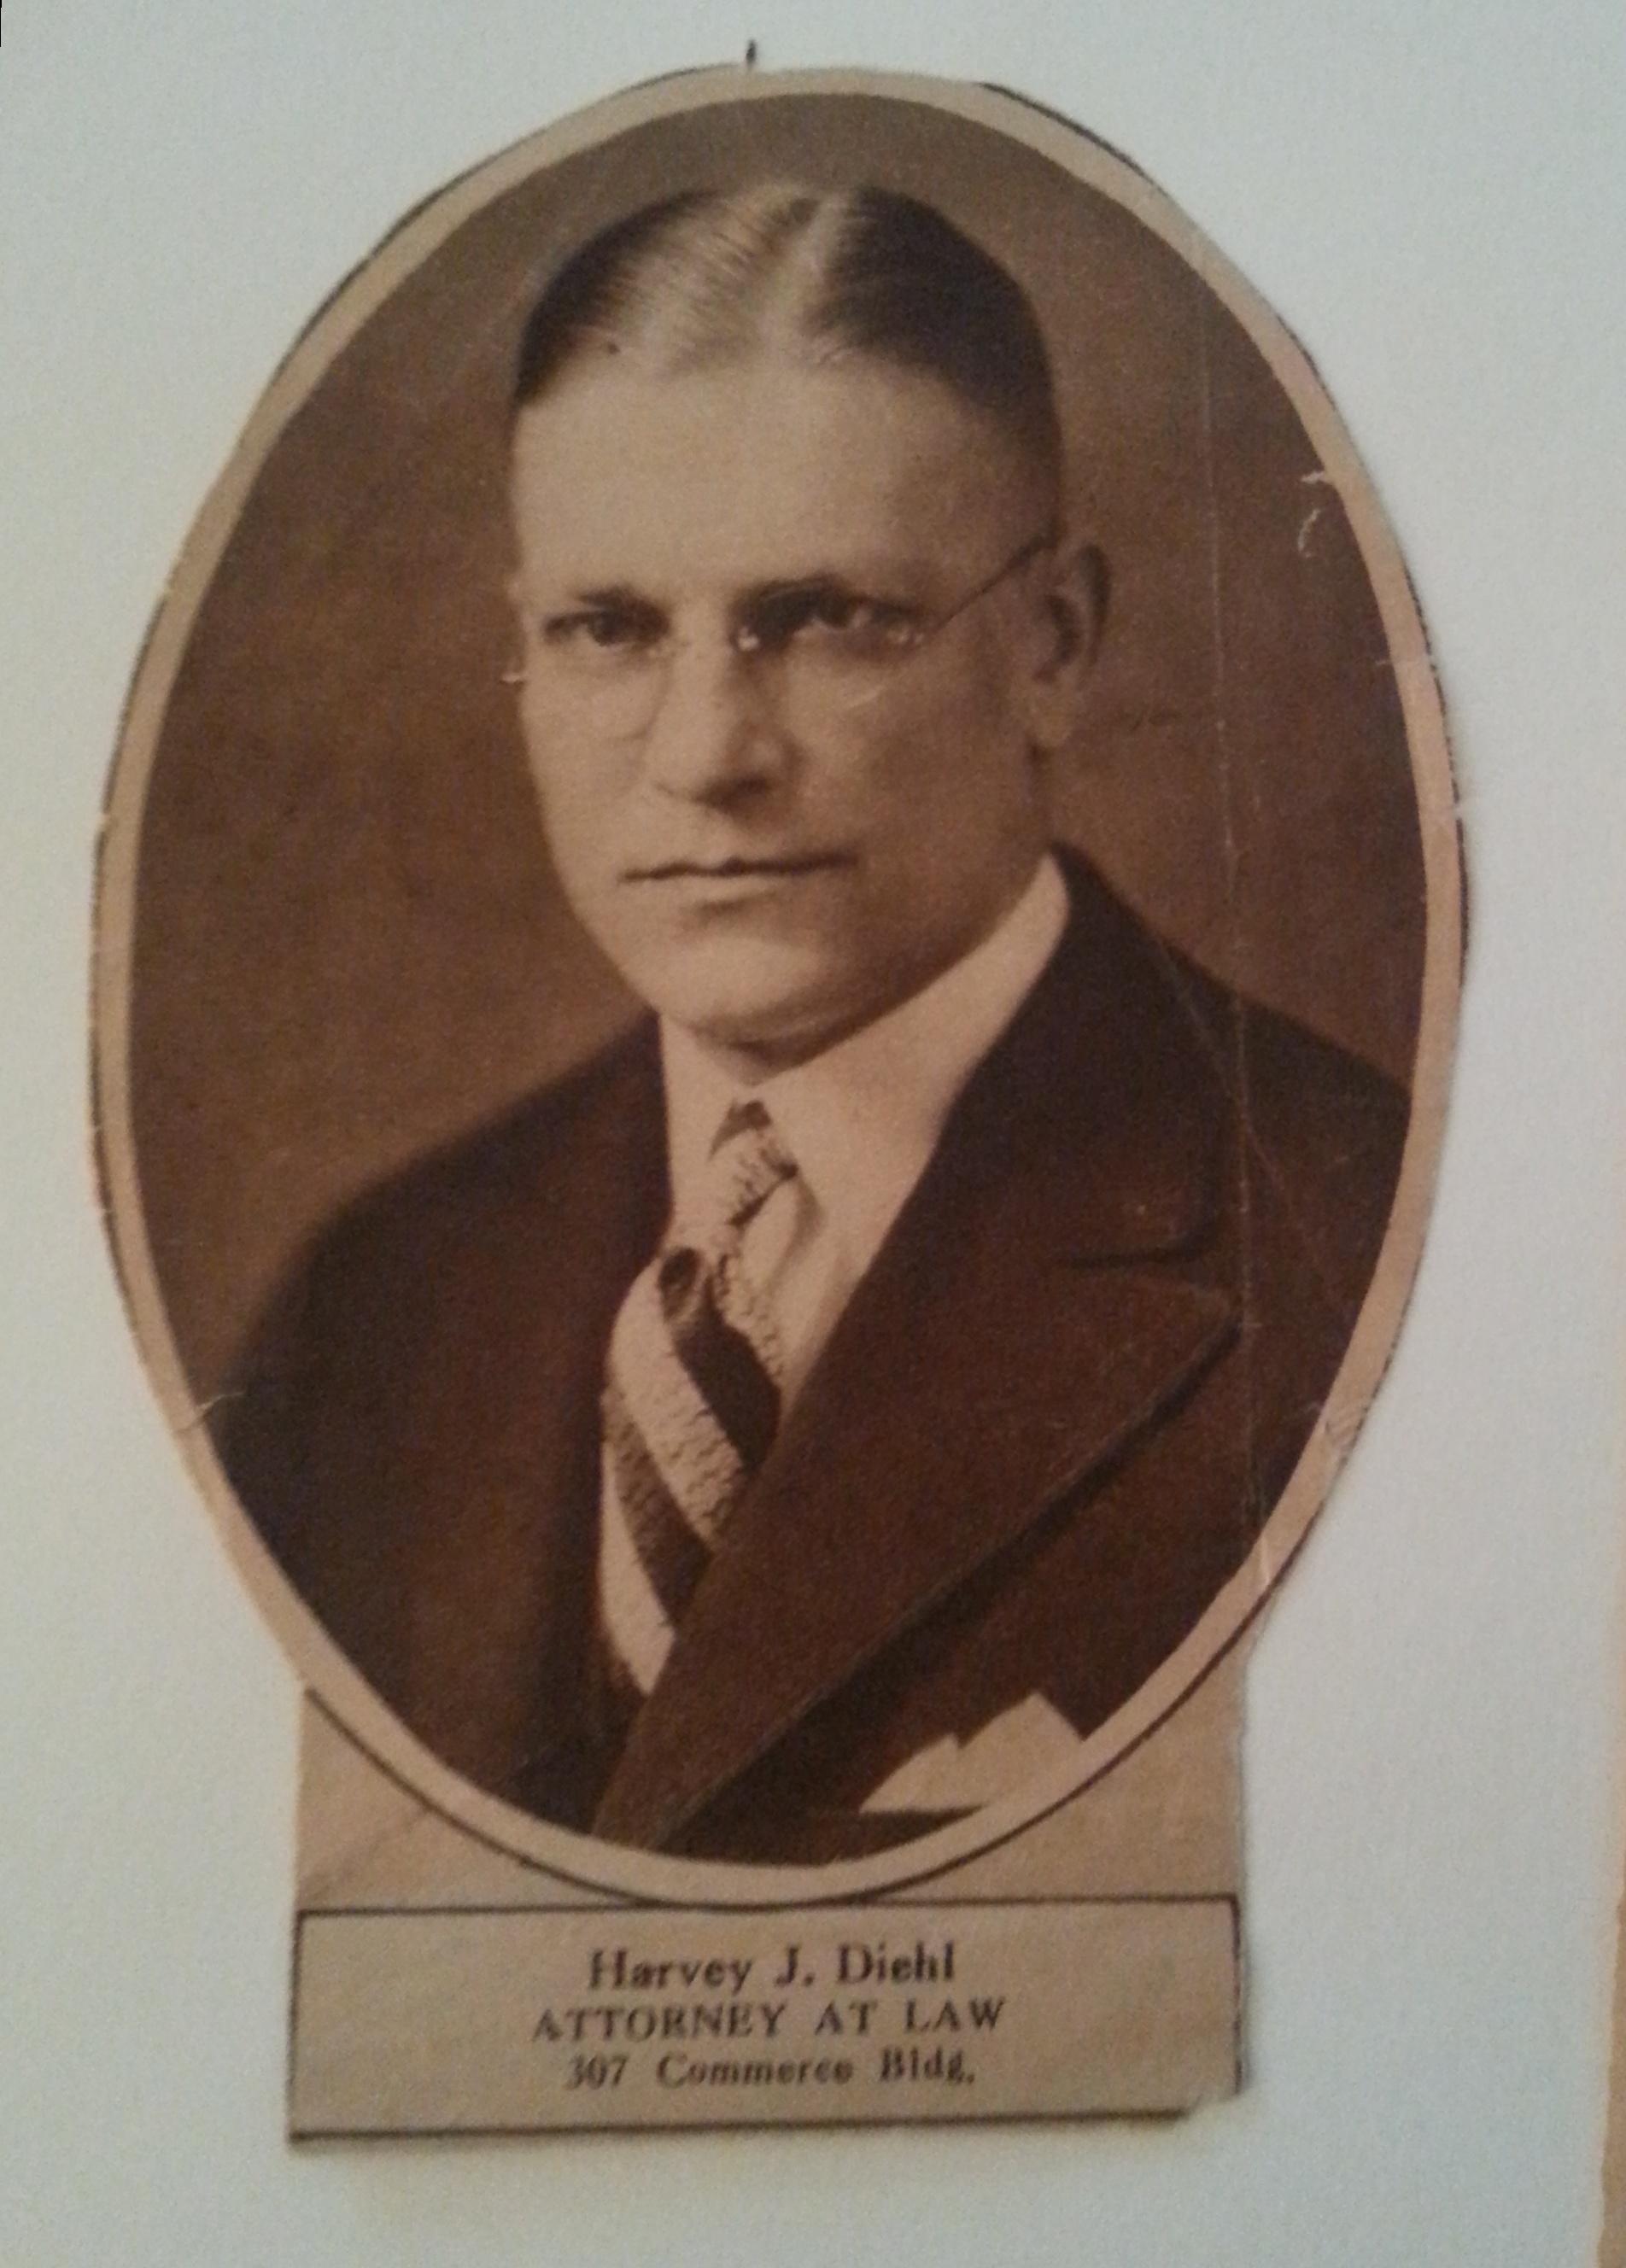 Harvey Diehl